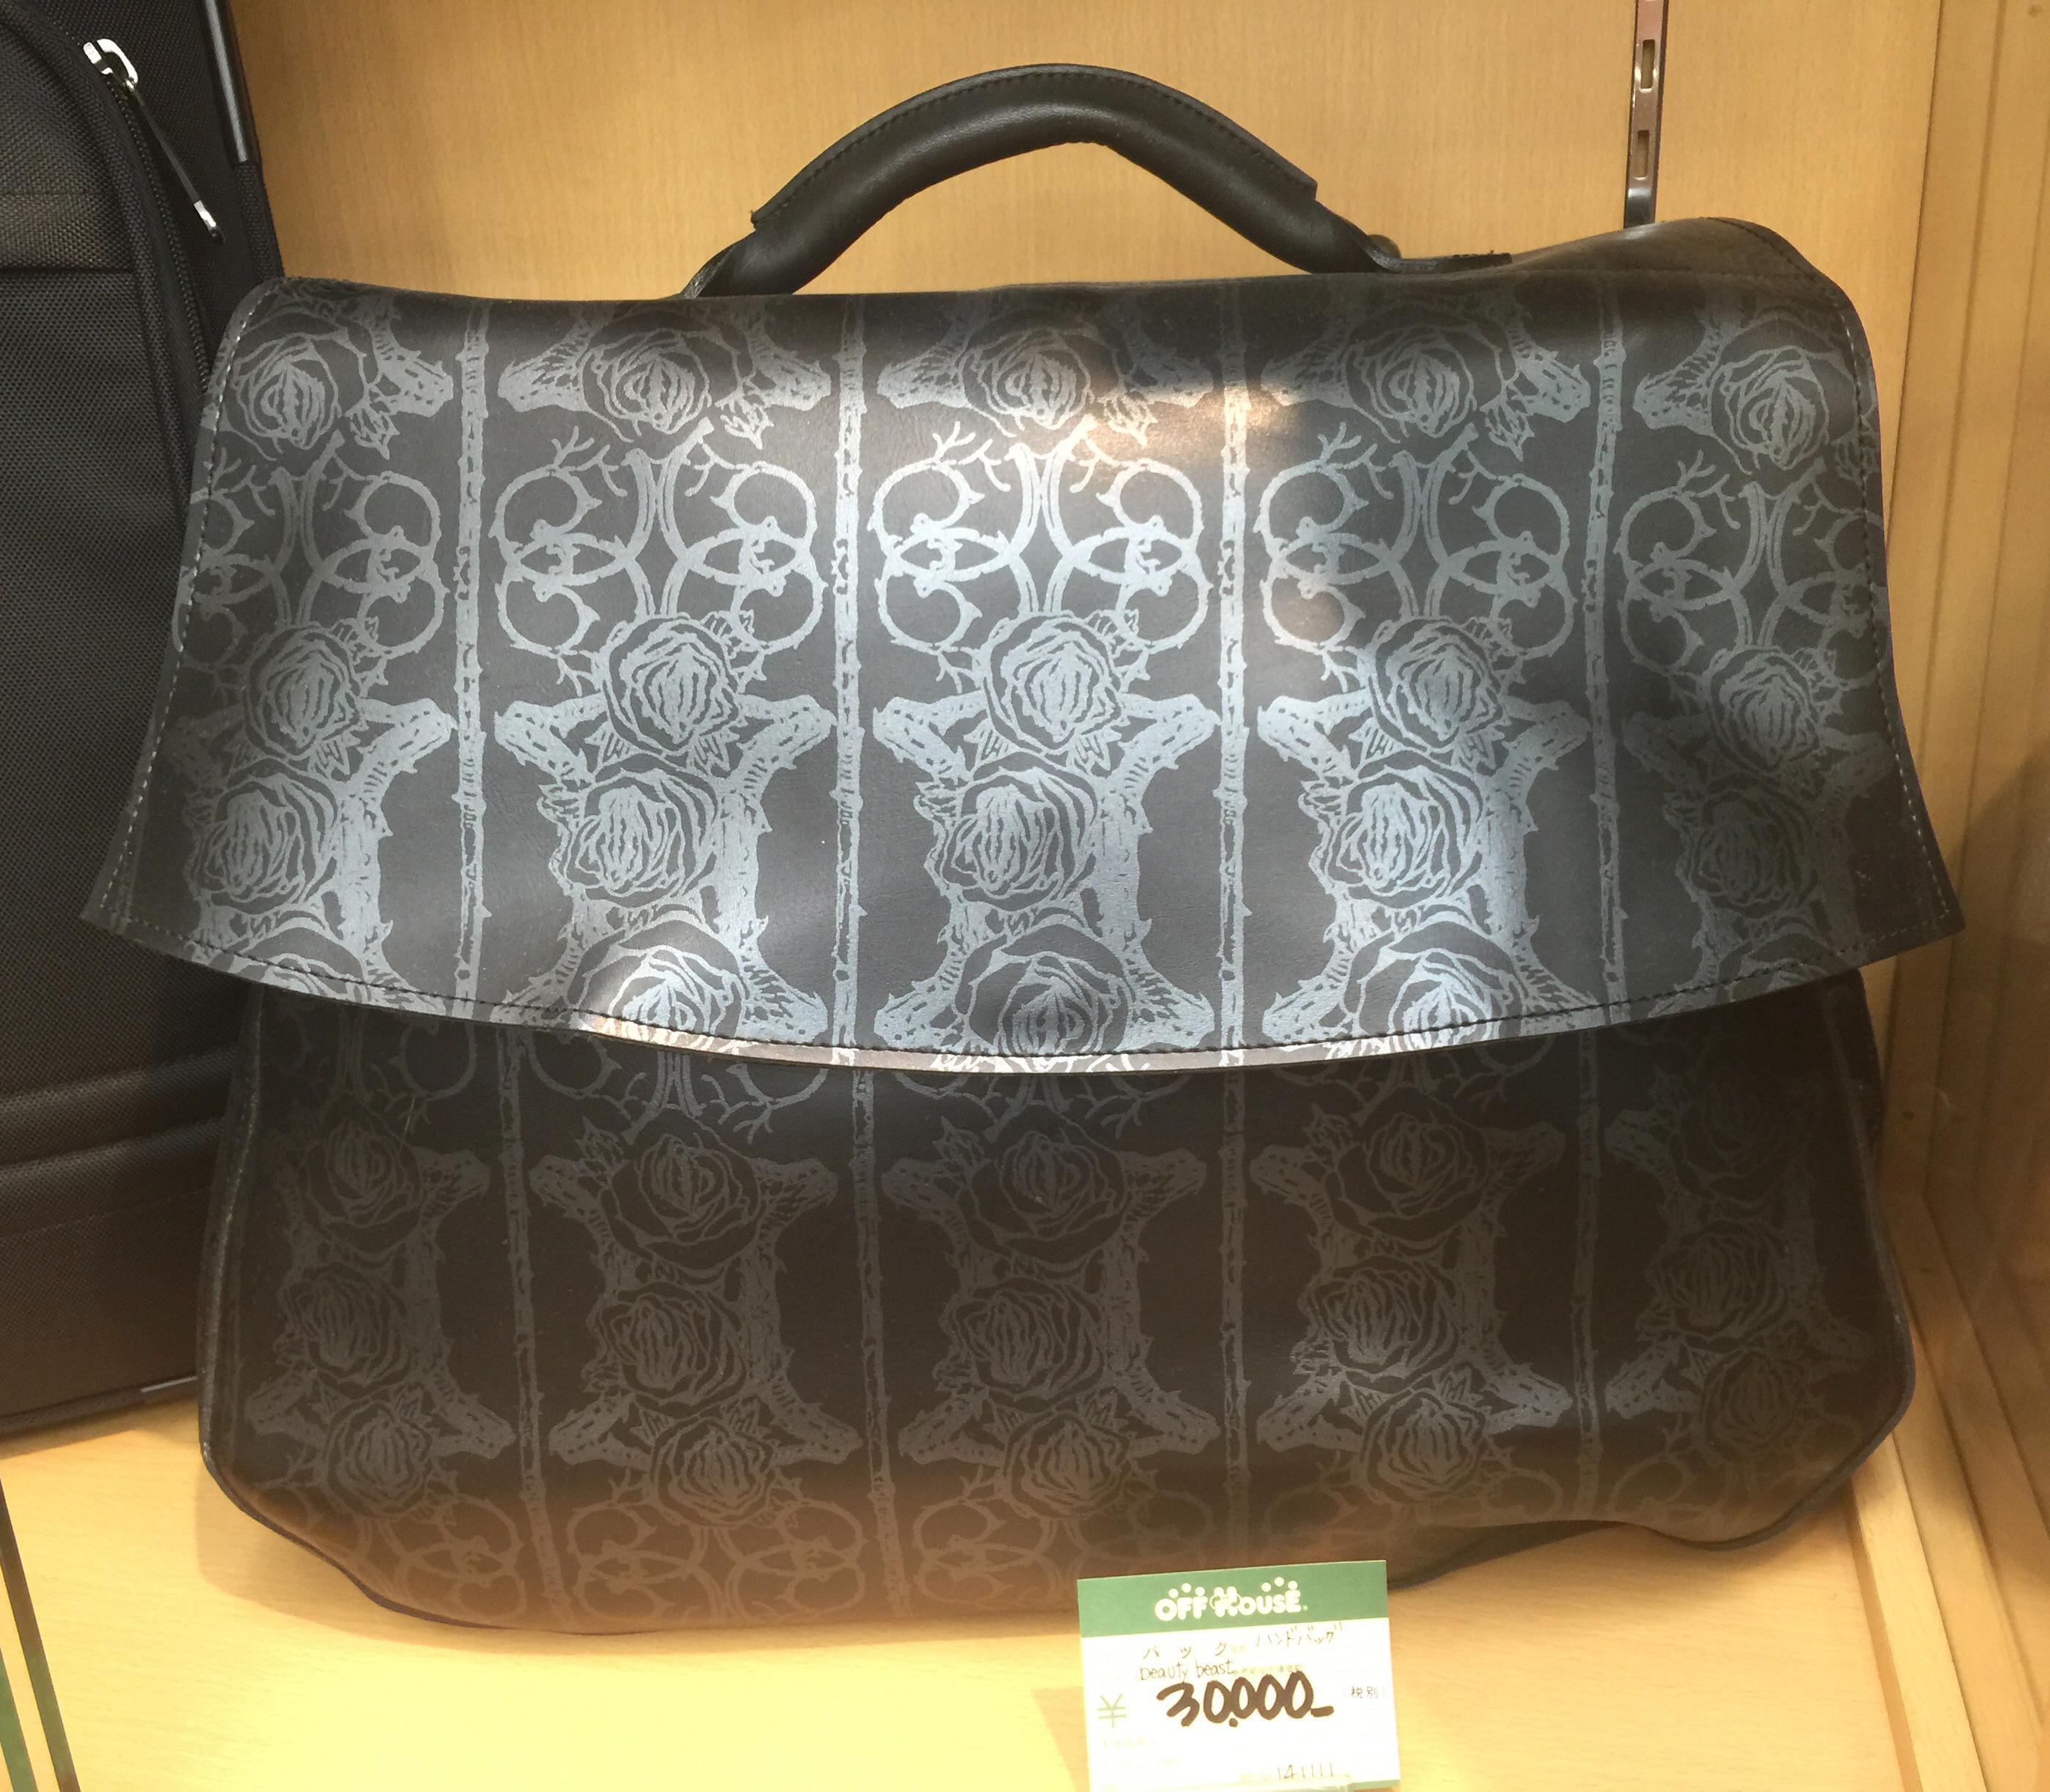 Deauty Beast ハンドバッグ|名古屋・三河の総合リサイクルショップ オフハウス西尾店